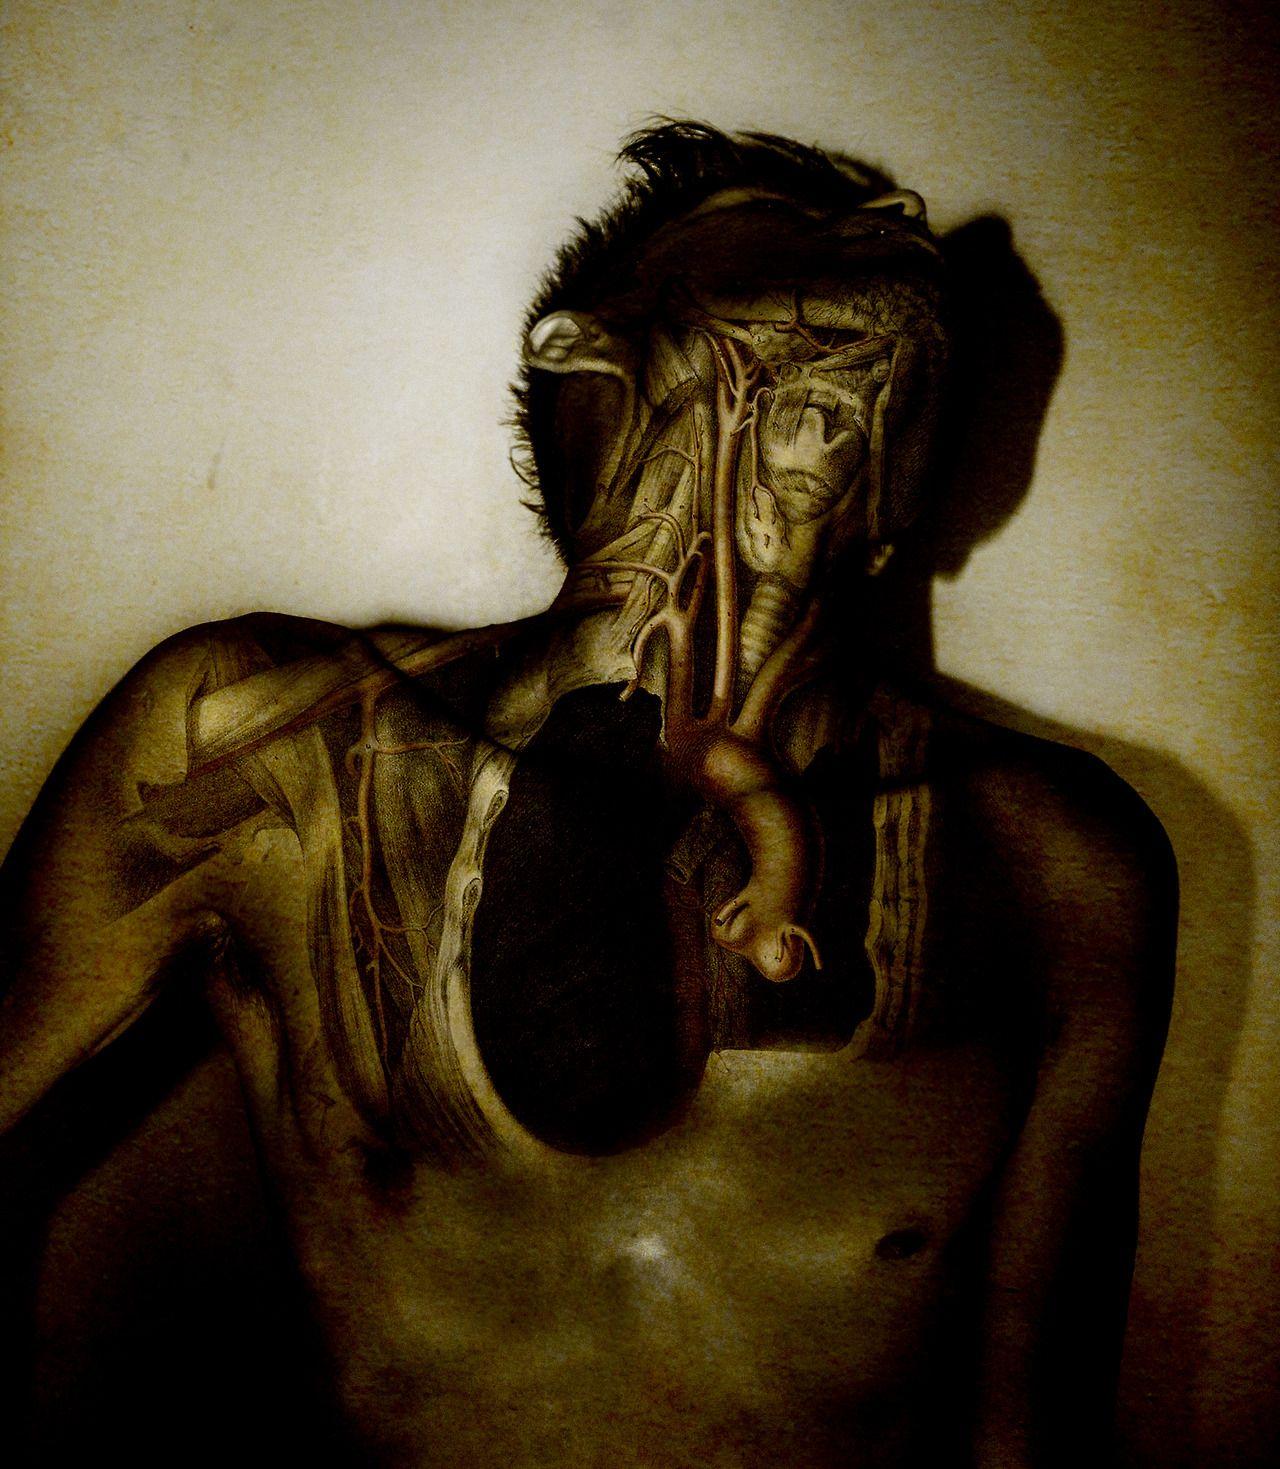 Montaje fotografico de ilustraciones de anatomia de los años 30`s ...